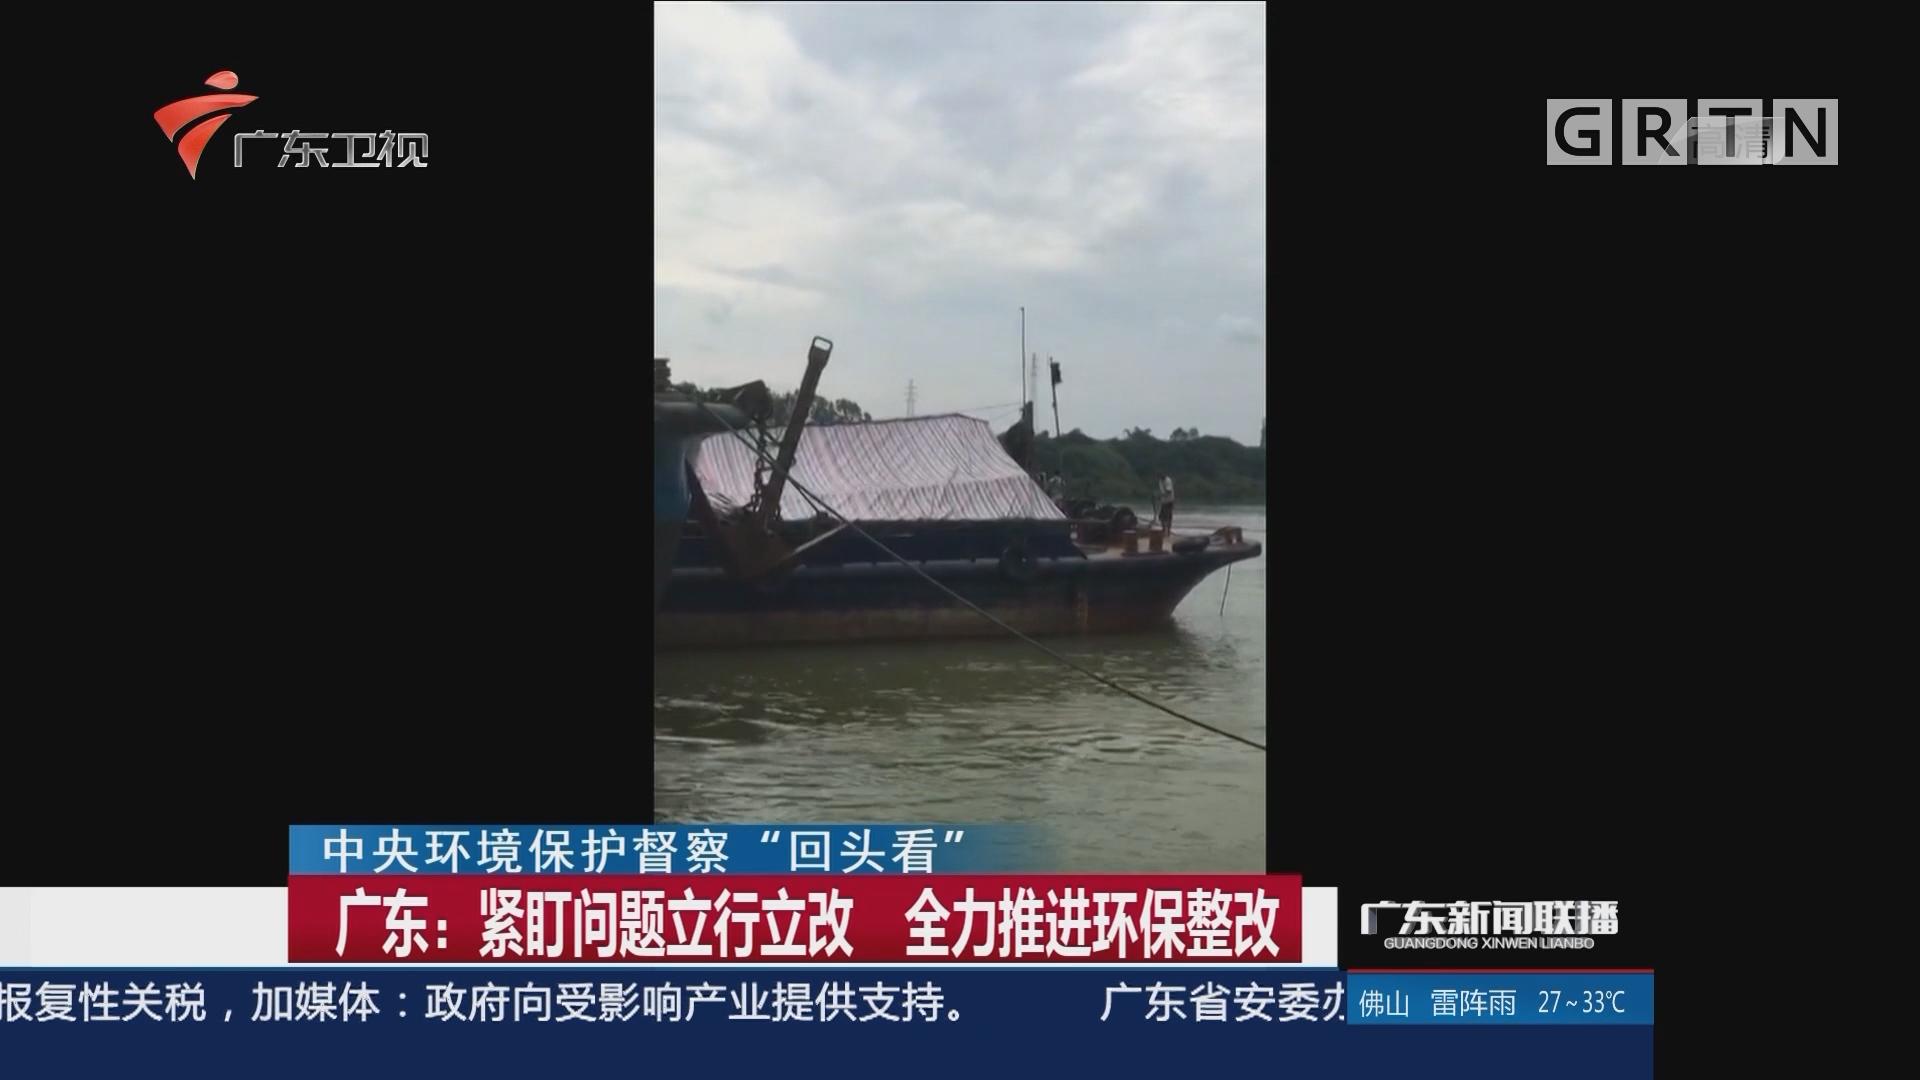 广东:紧盯问题立行立改 全力推进环保整改